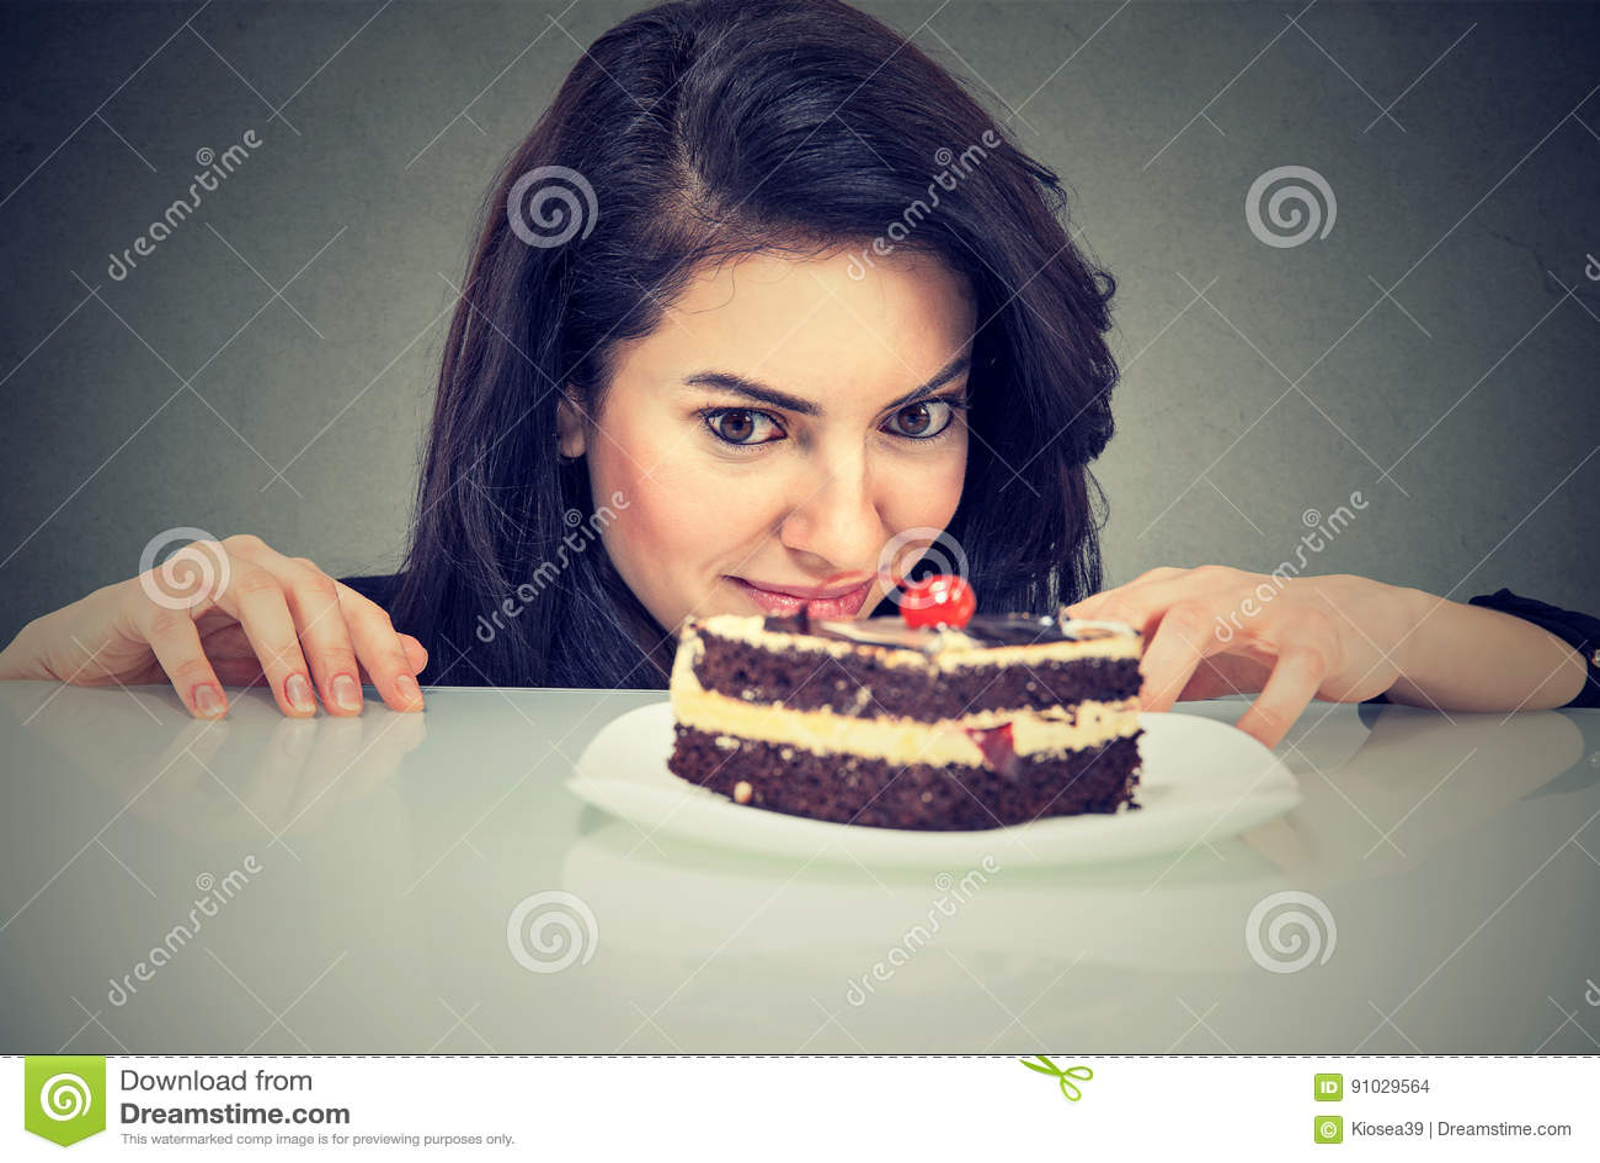 Dessert de gâteau de craving de femme, désireux de manger de la nourriture douce